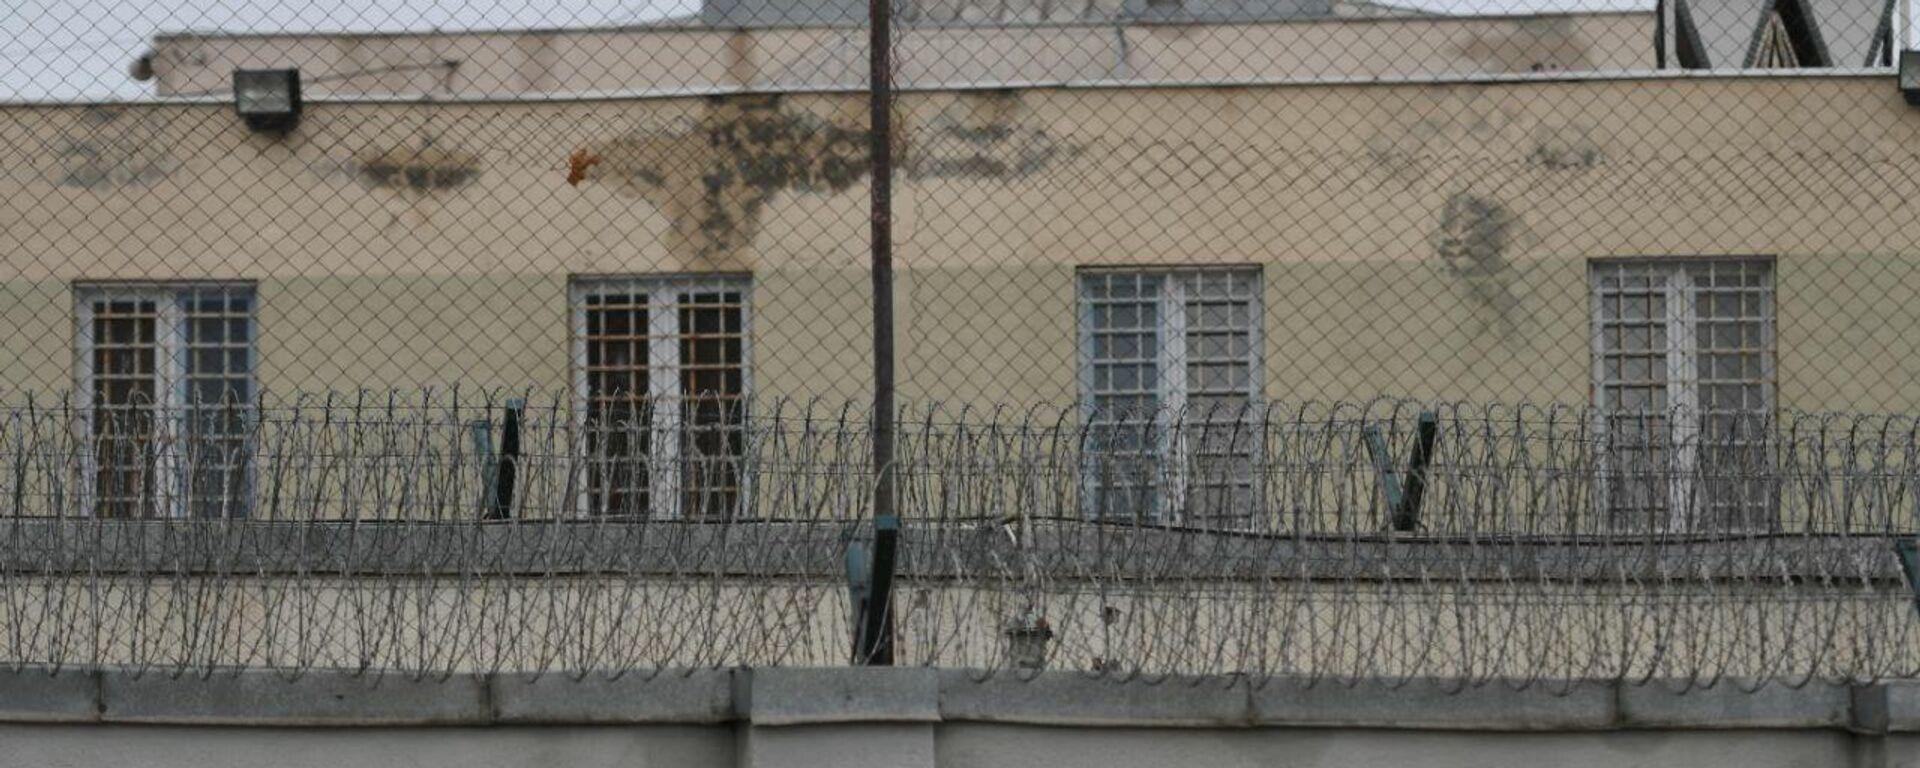 რუსთავის ციხე - Sputnik საქართველო, 1920, 06.10.2021